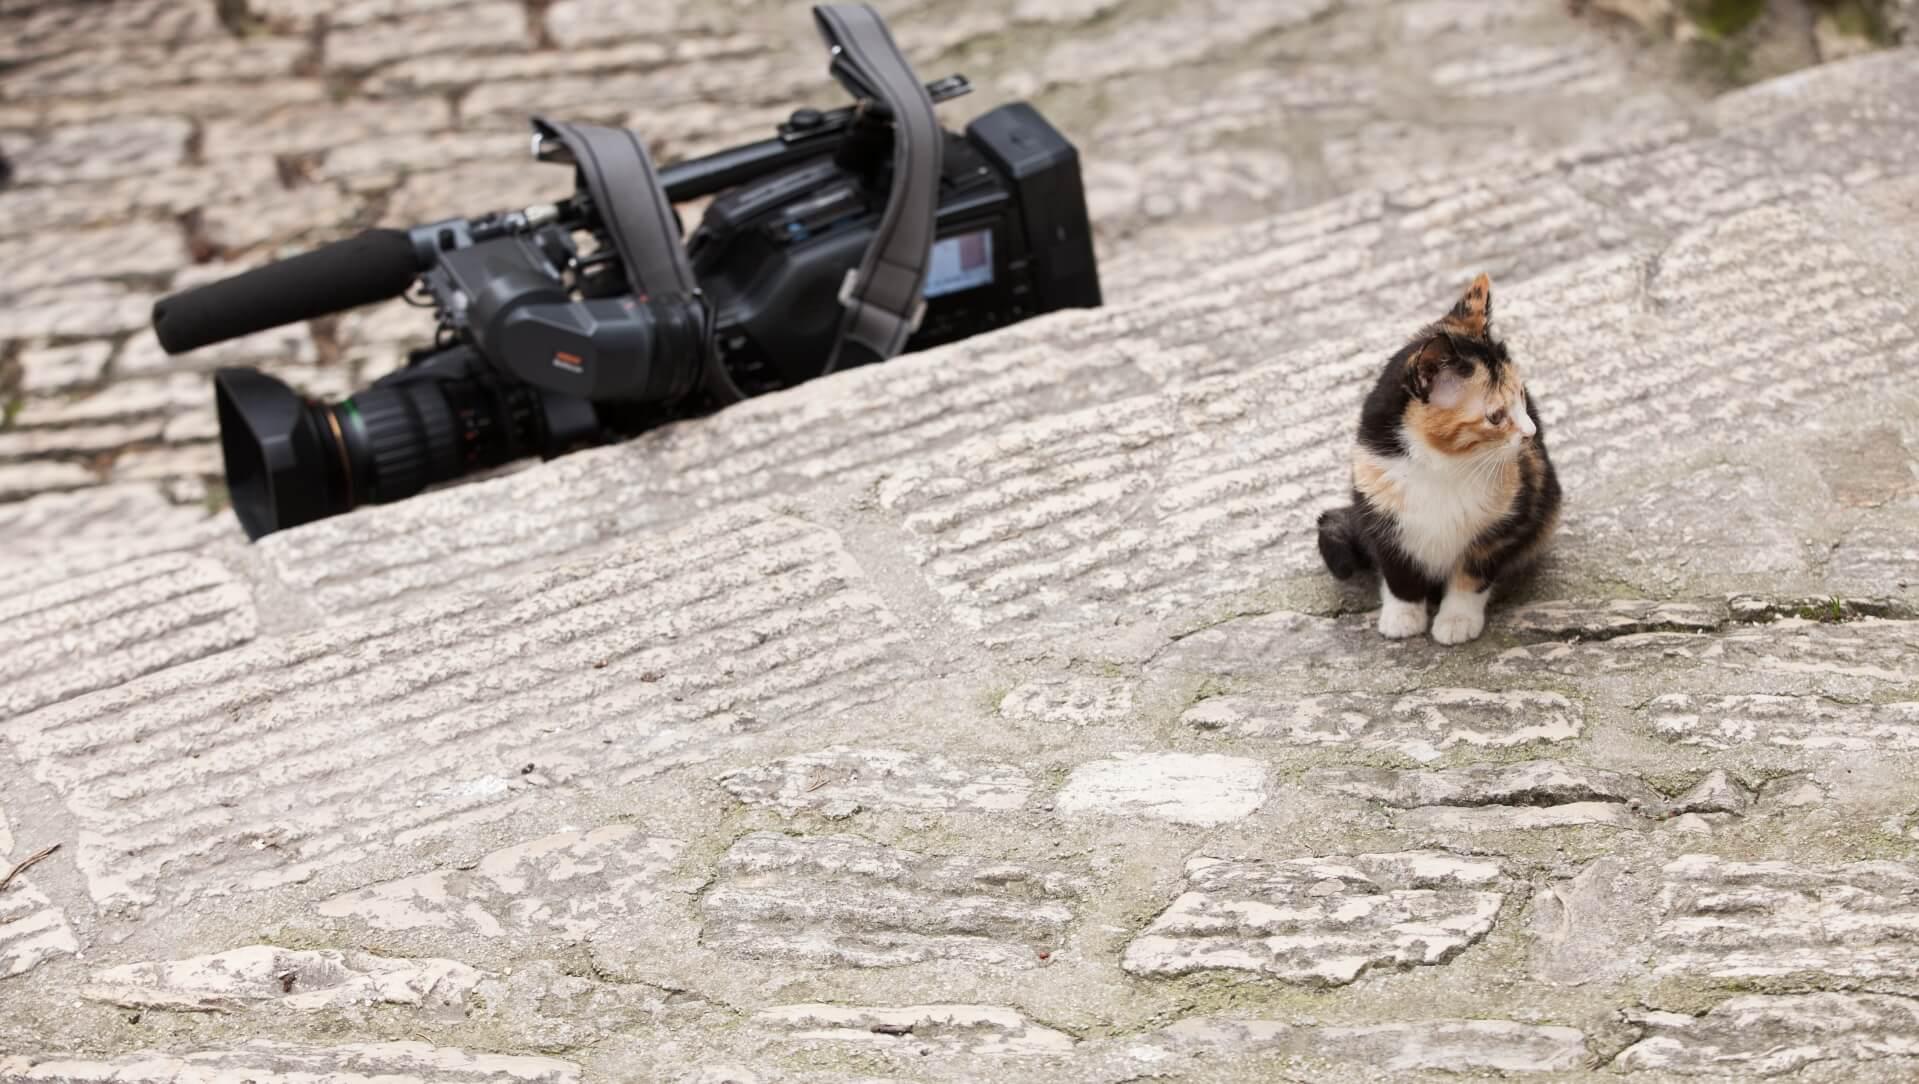 Katze und Kamera